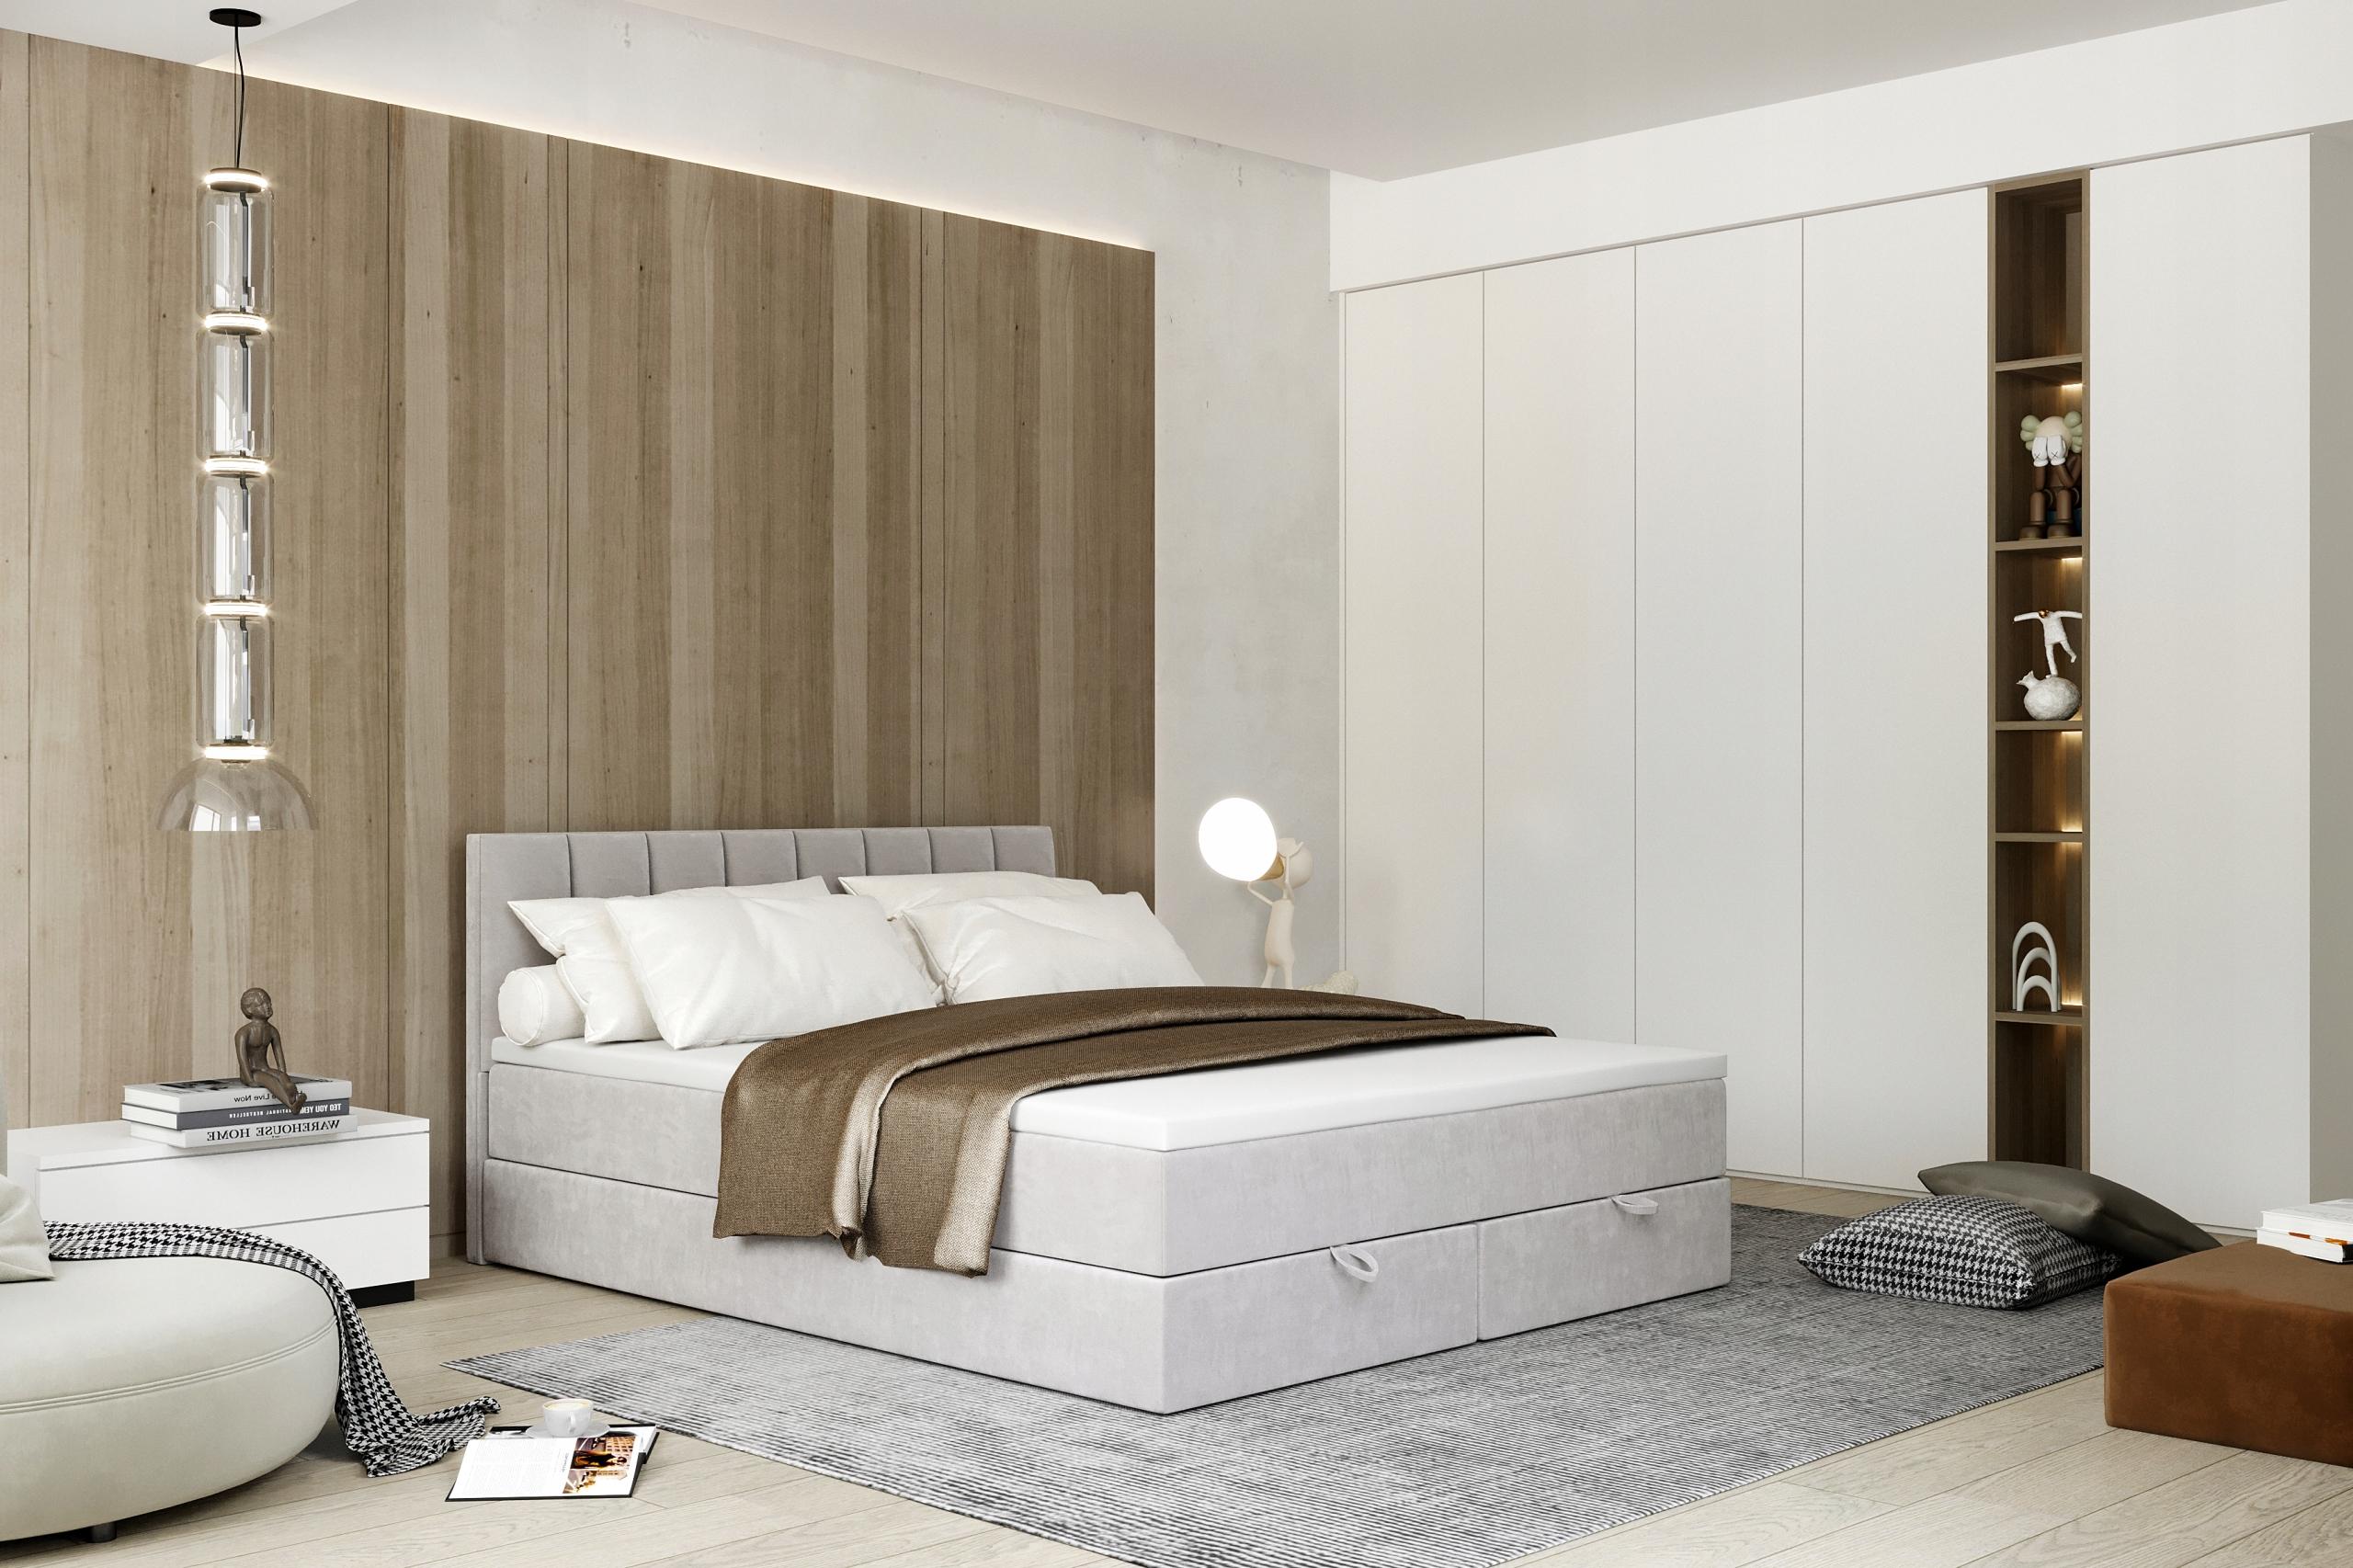 CITY континентальная кровать, обитая 120x200